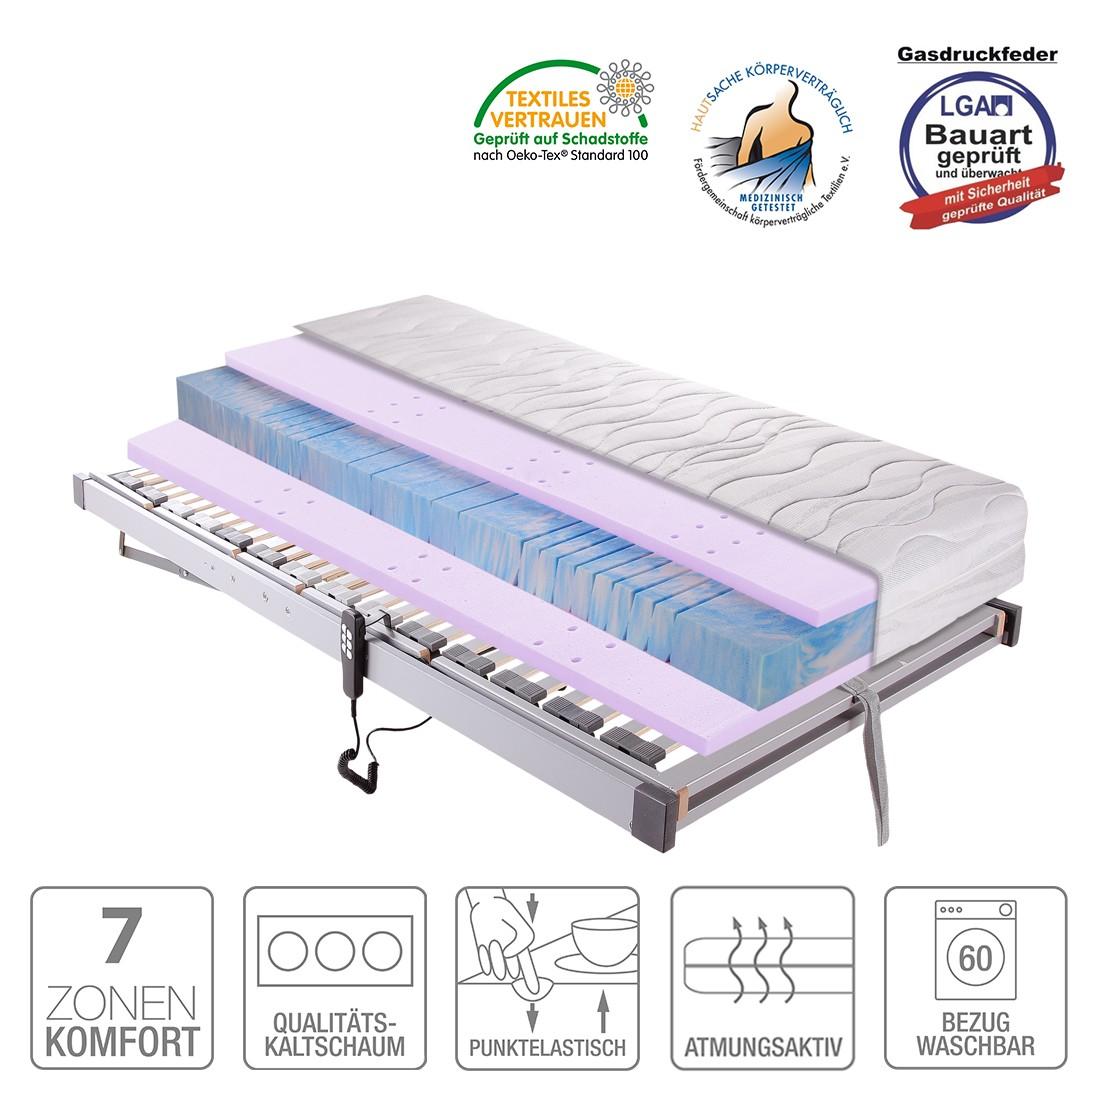 Sparset Sleep Gel 3 – Kaltschaummatratze & Lattenrost Silver (elektrisch verstellbar) – 80 x 200cm – H2 bis 80 kg, Breckle online kaufen